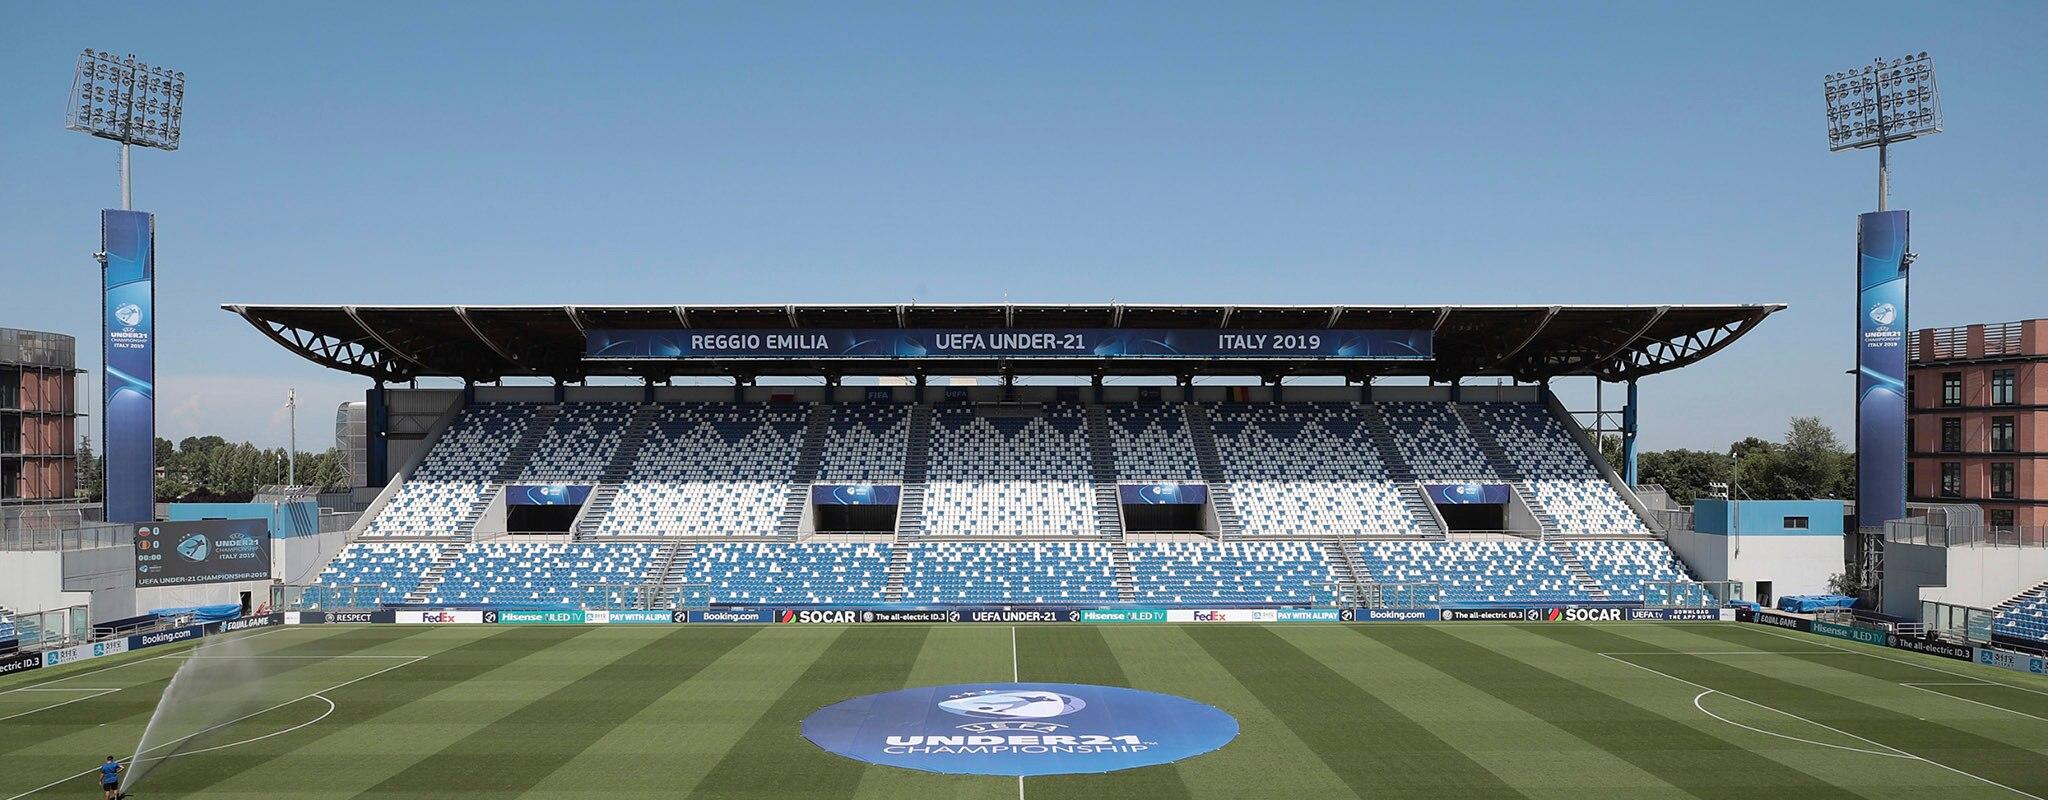 https://img.uefa.com/imgml/stadium/matchinfo/uw/63188.jpg